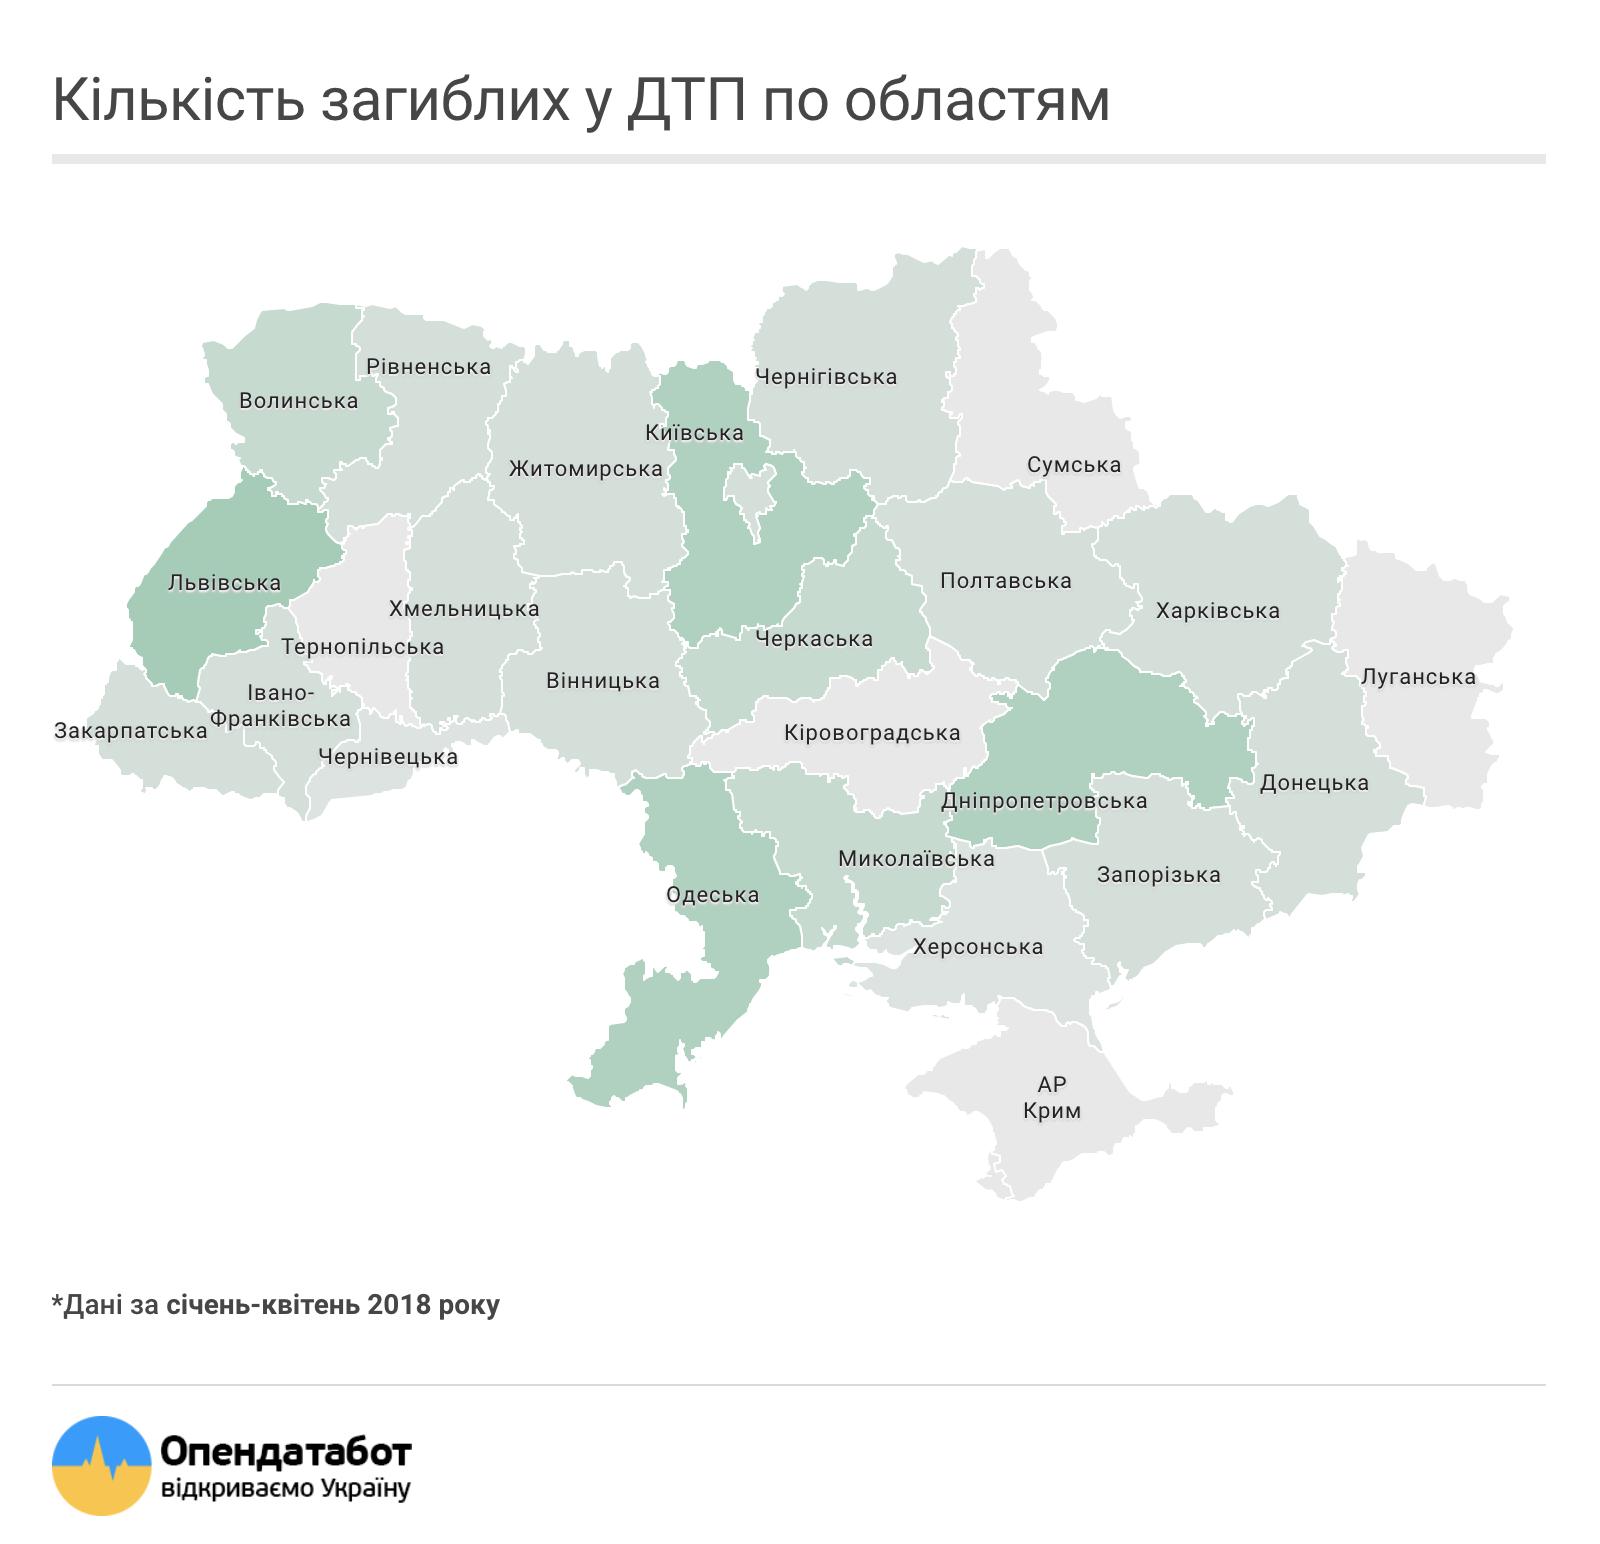 Кількість загиблих у ДТП в різних областях України